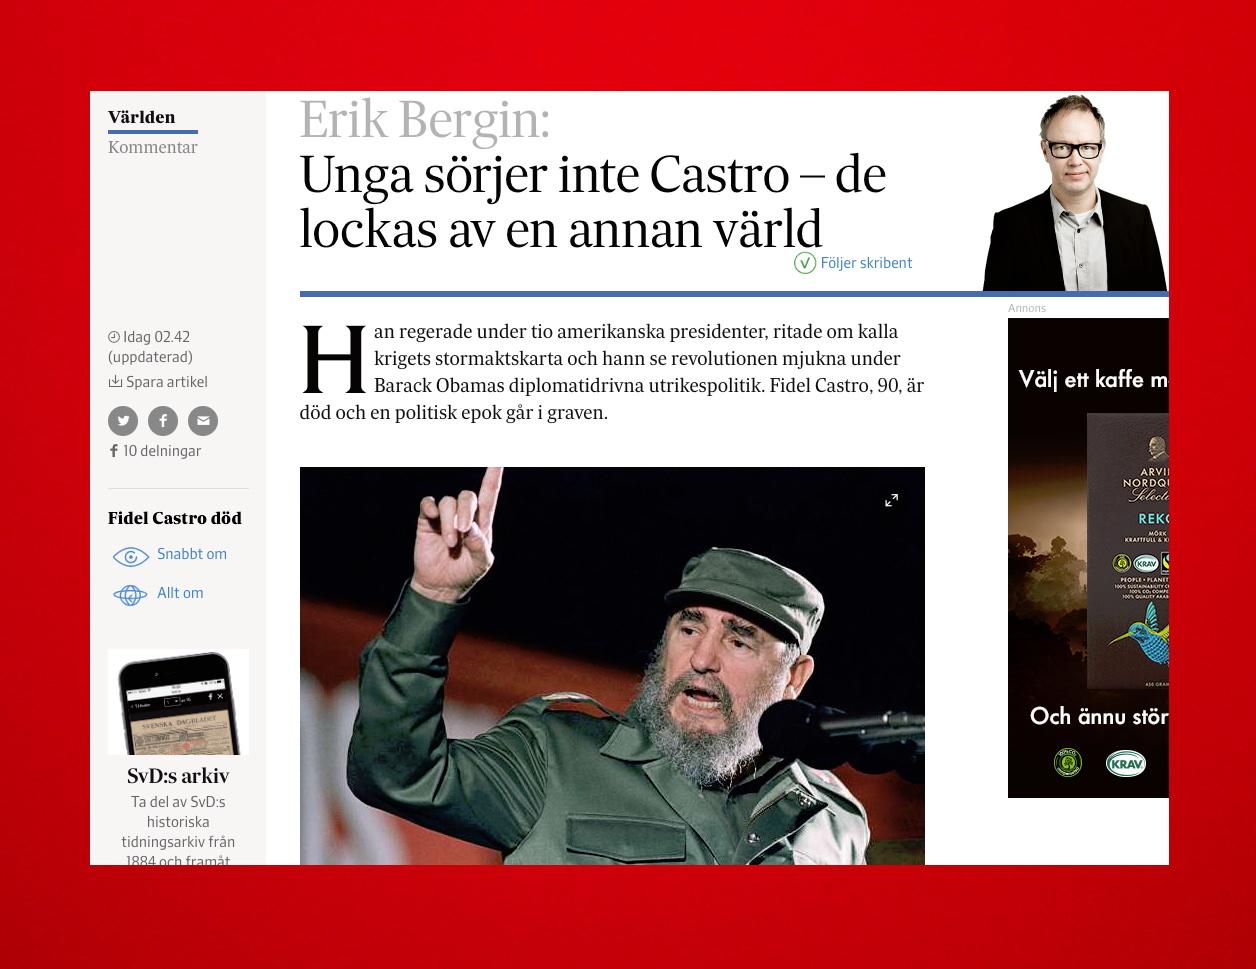 SvD.se morgonen den 26 november 2016.